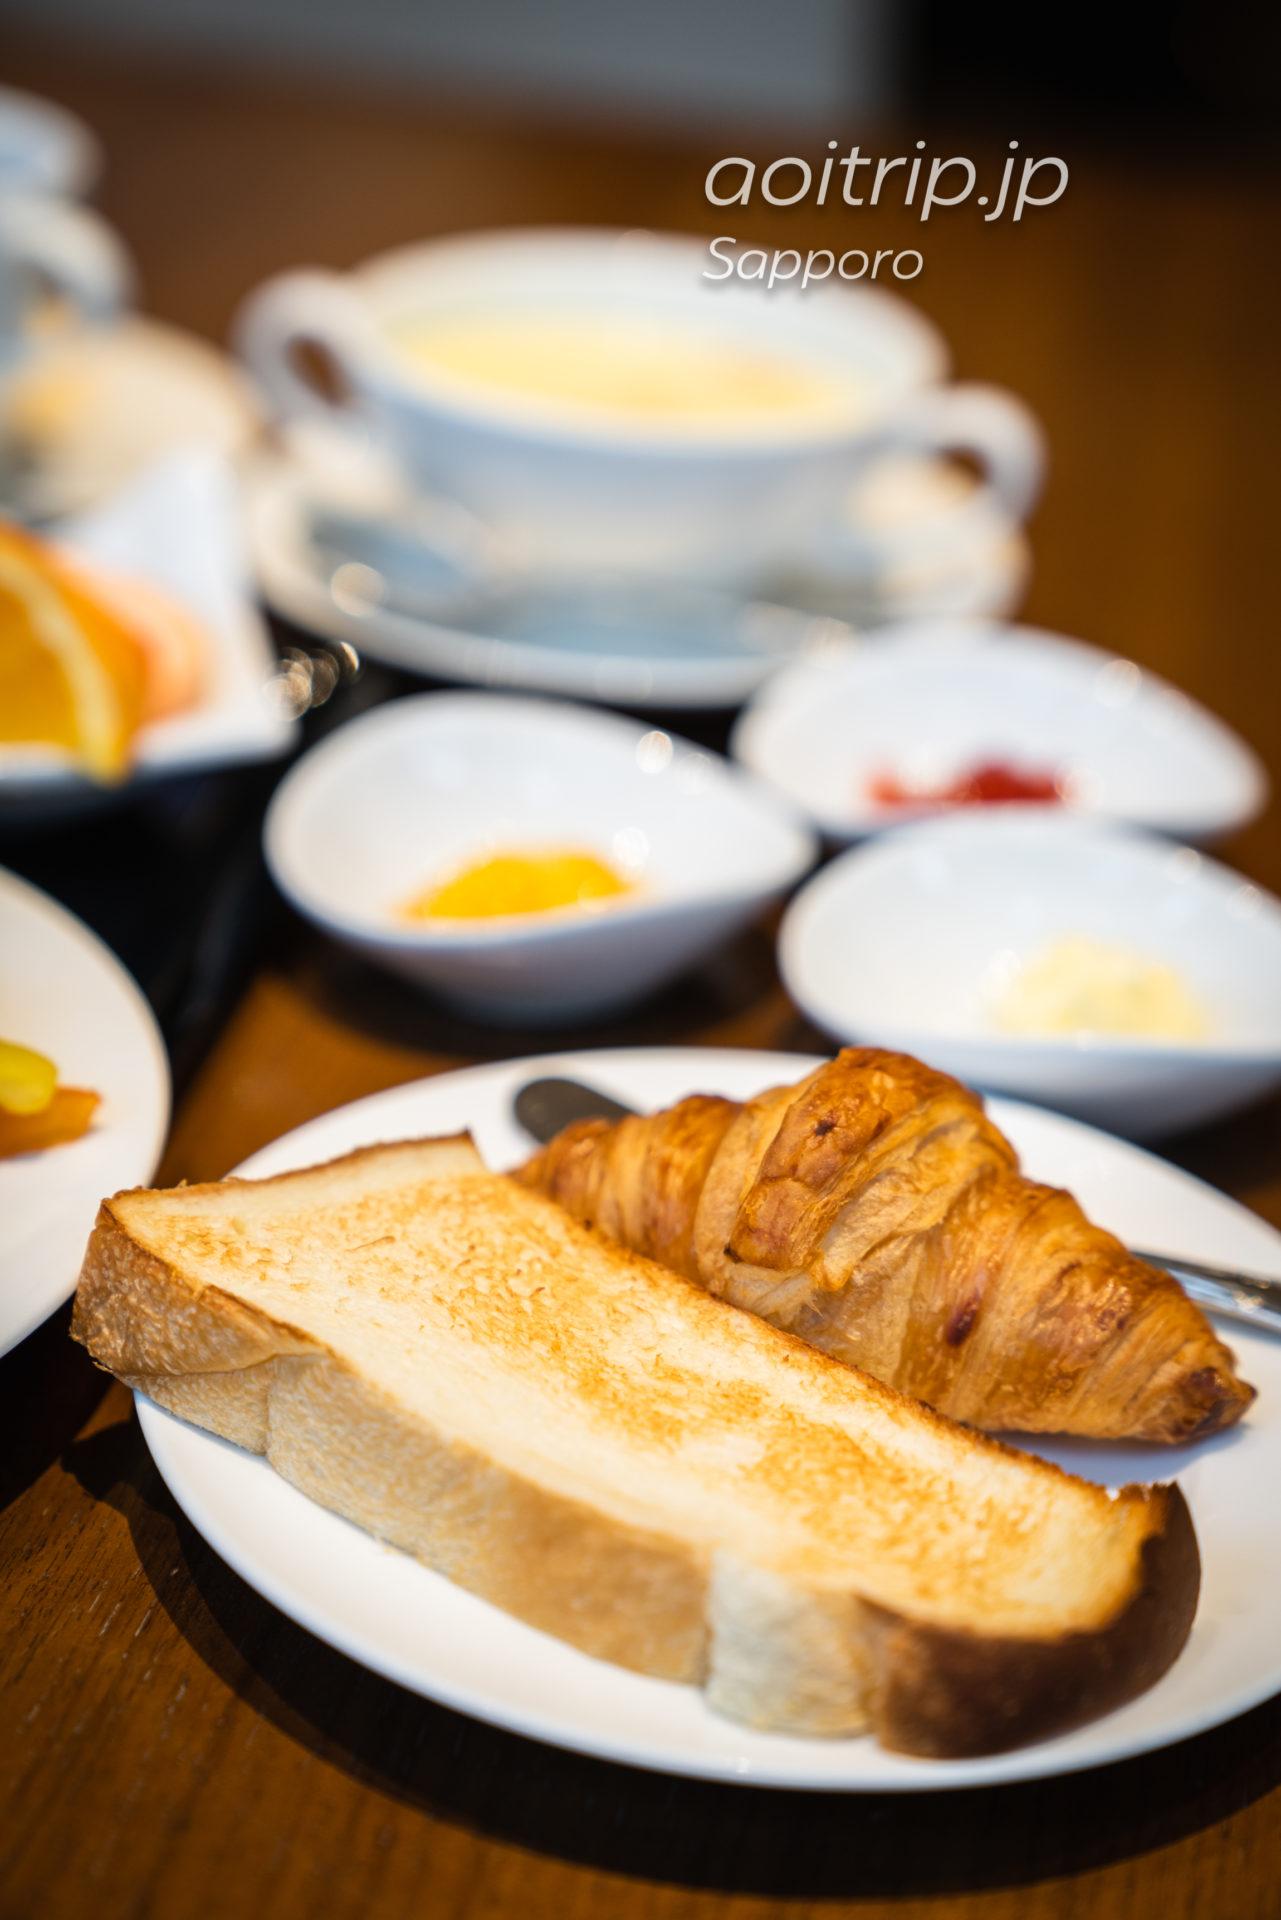 札幌ビューホテルのレストラン オードリーの朝食(洋食) 自家製米粉パン